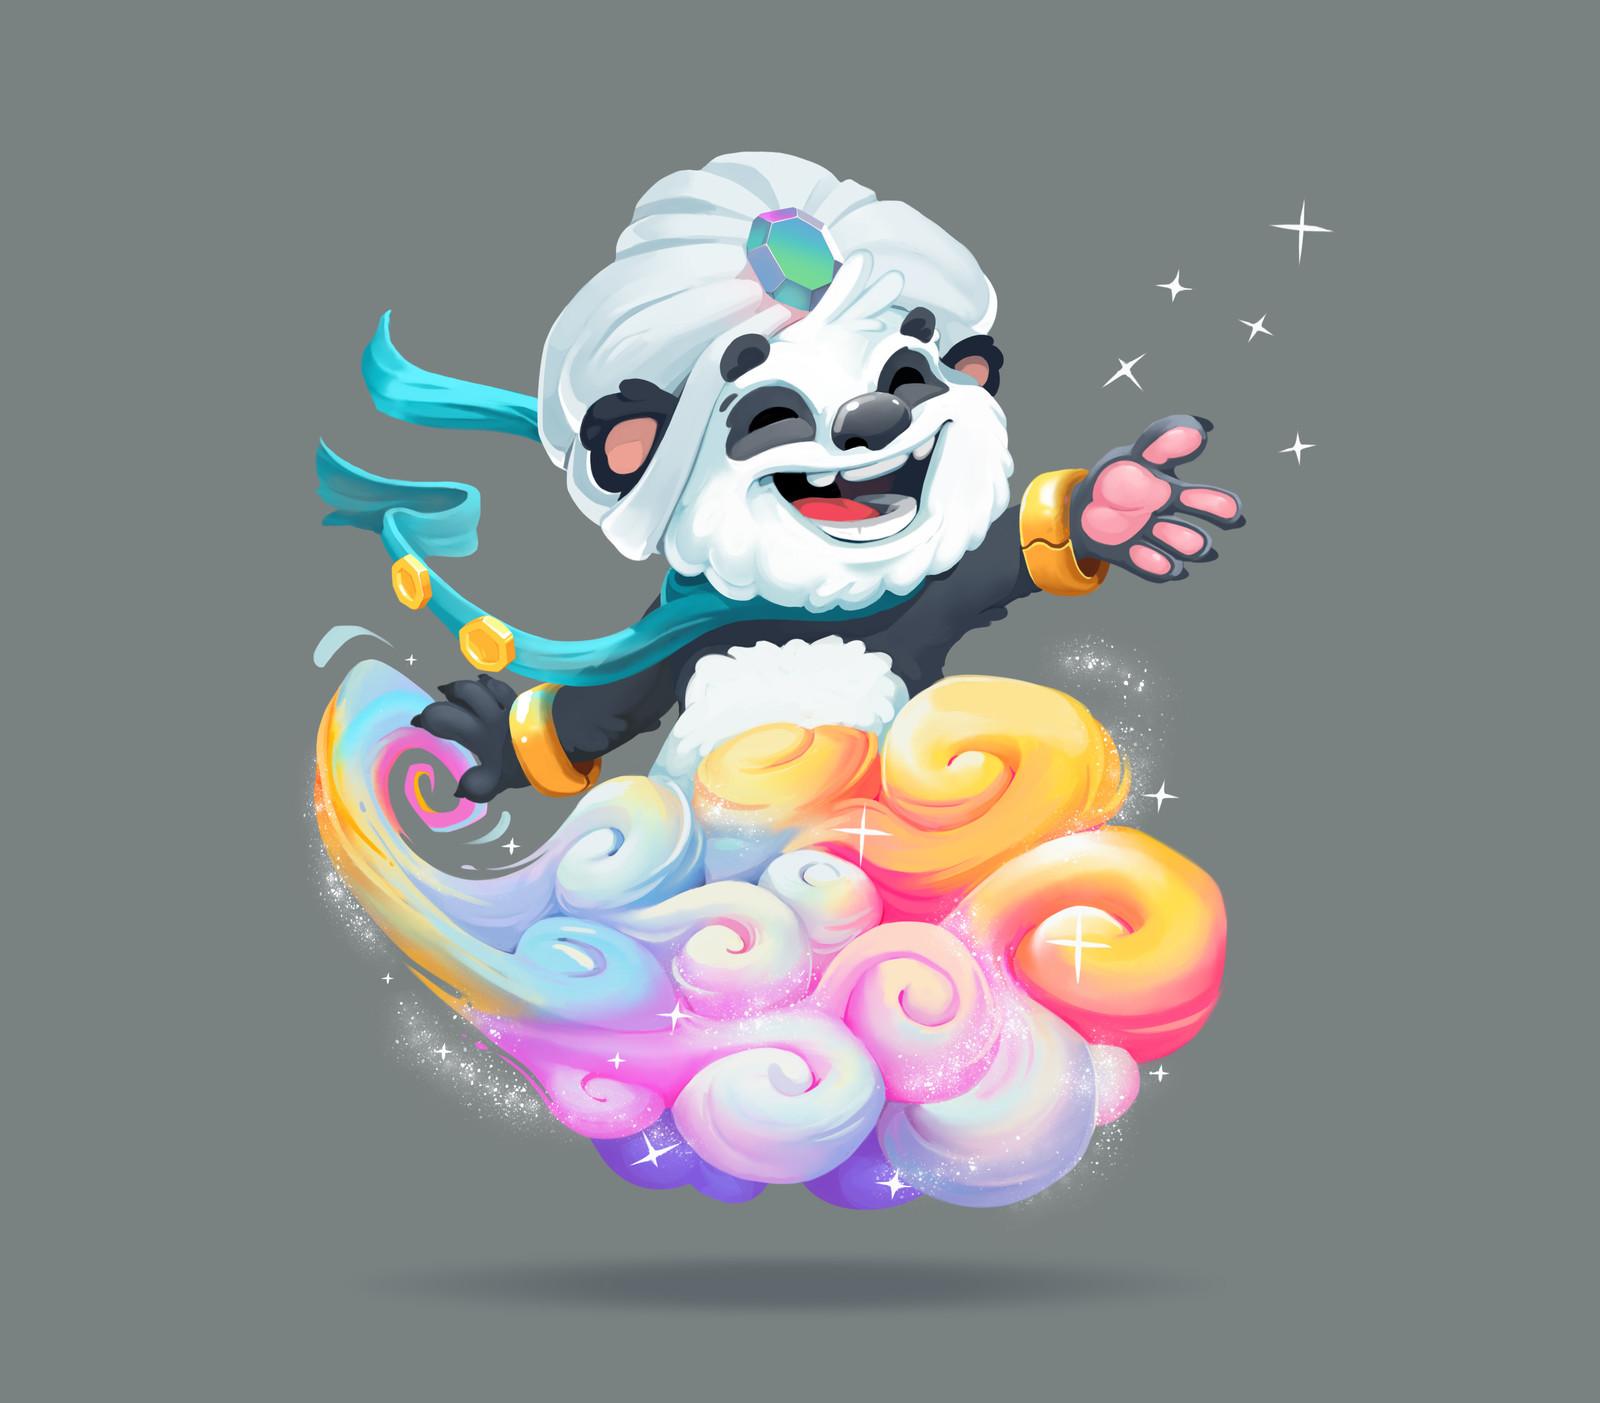 Djinn Panda